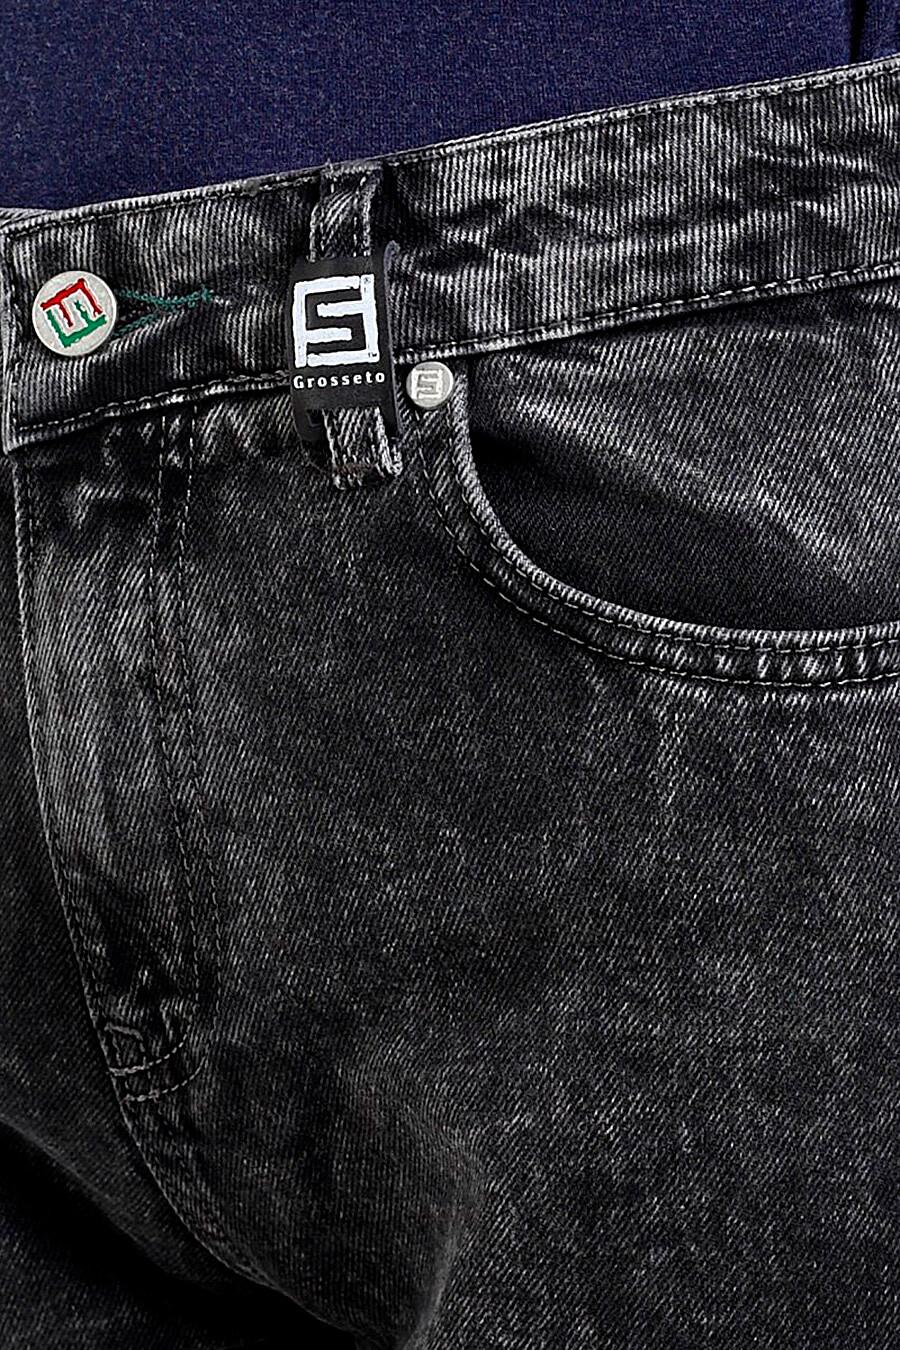 Джинсы для женщин F5 239201 купить оптом от производителя. Совместная покупка женской одежды в OptMoyo